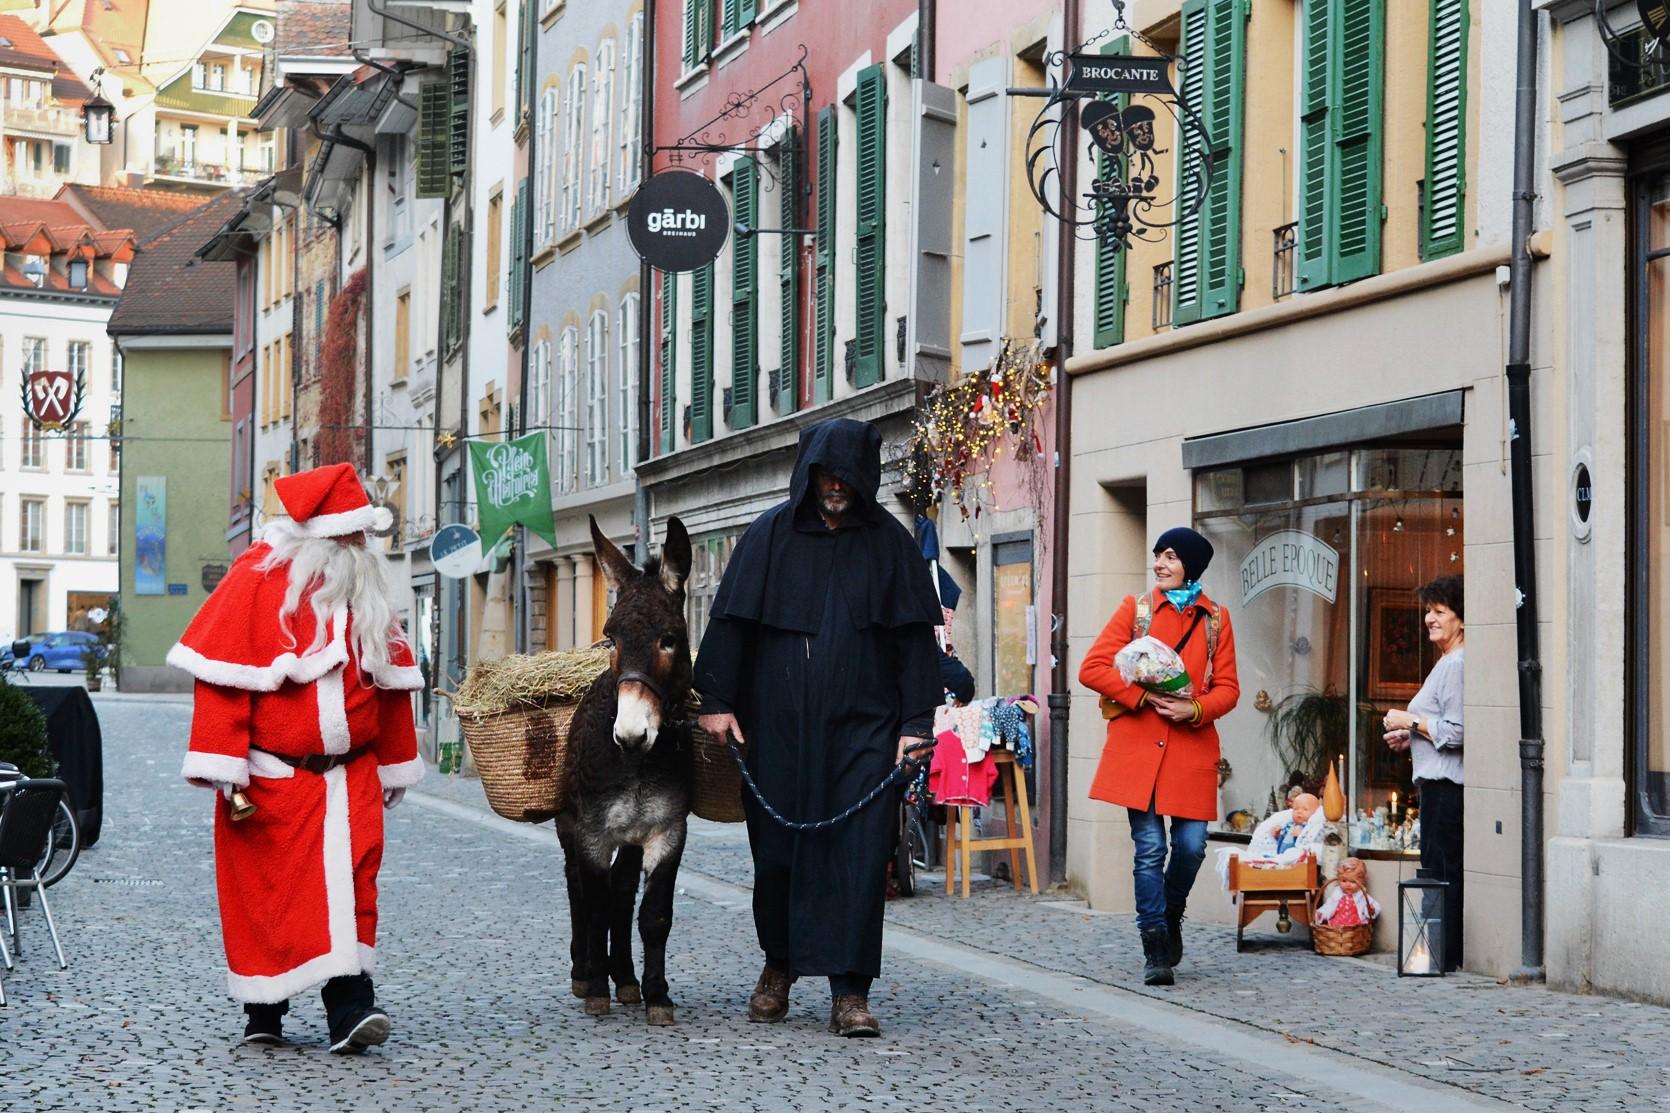 Töne vom Glockengeläut und Eselsgesang dringen bis in die Geschäfte, worauf die Leute gwunderig nach draussen kommen.